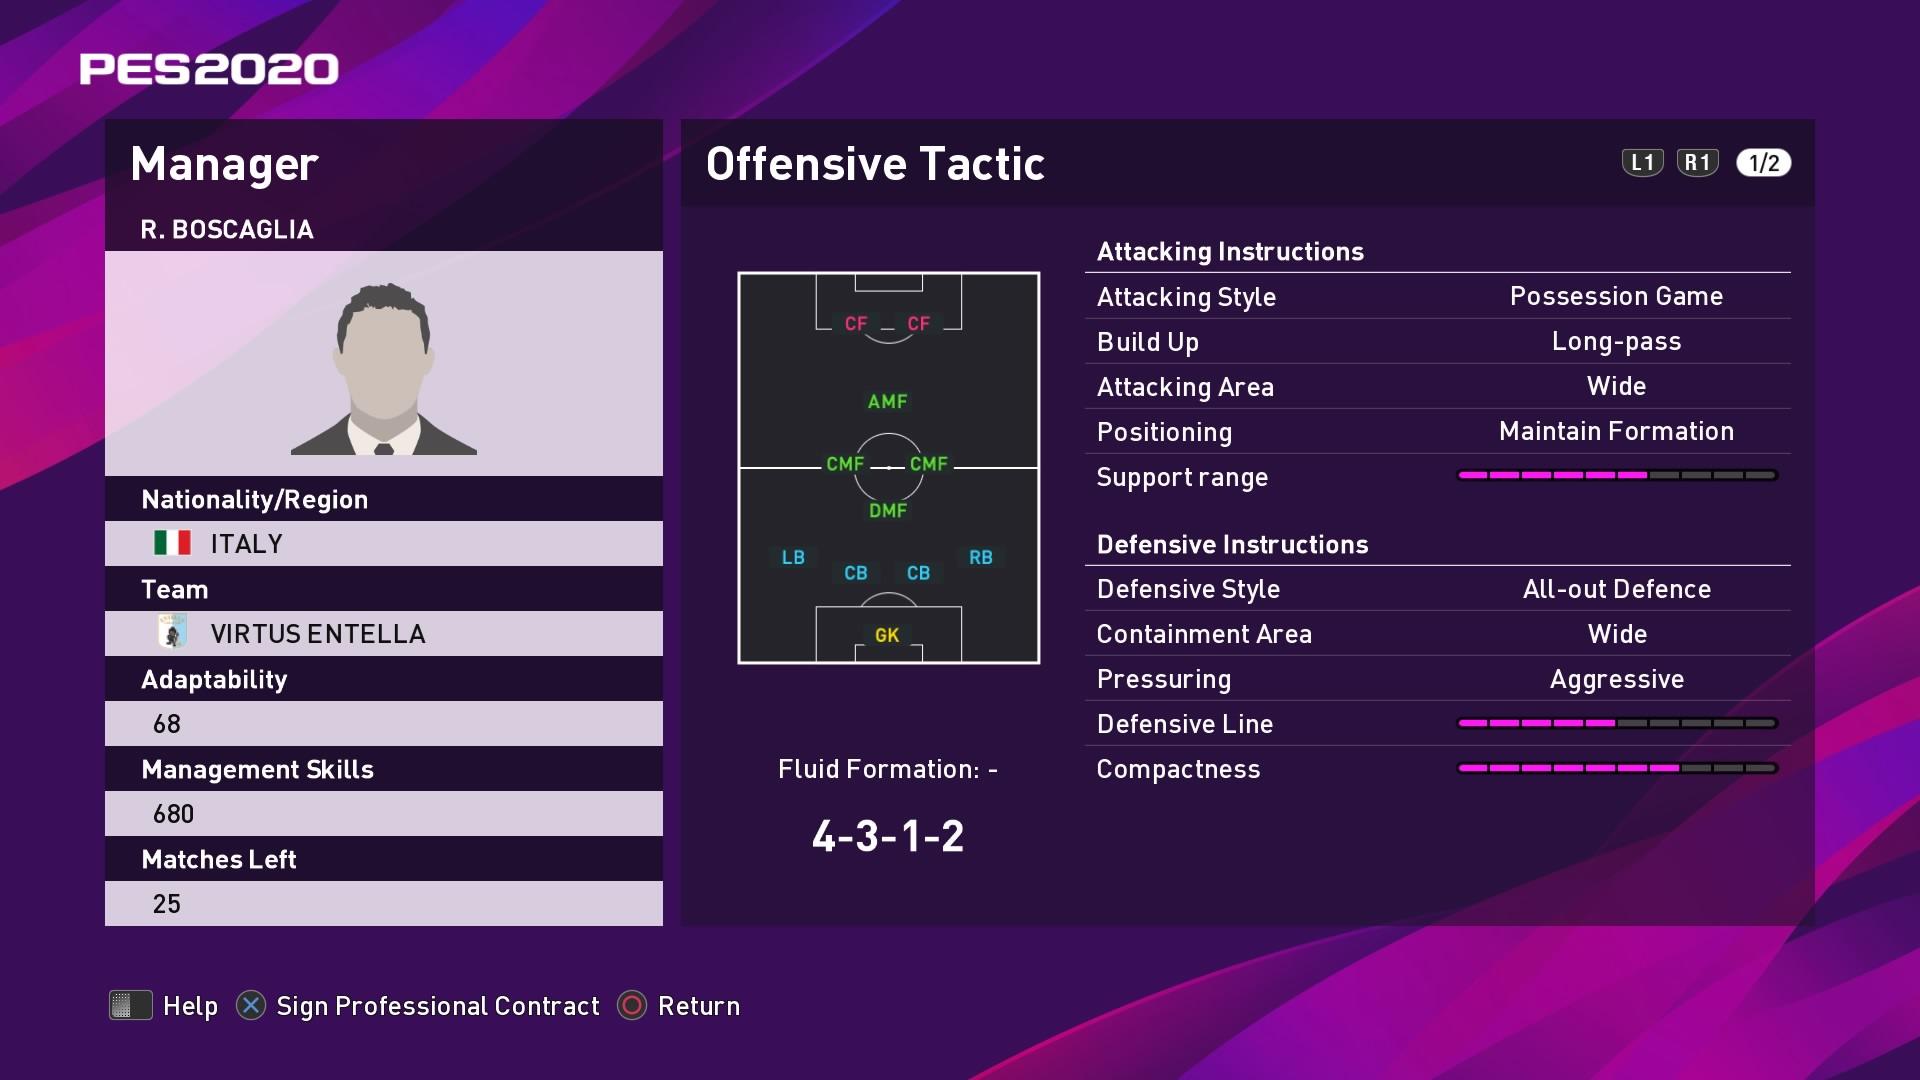 R. Boscaglia (Roberto Boscaglia) Offensive Tactic in PES 2020 myClub